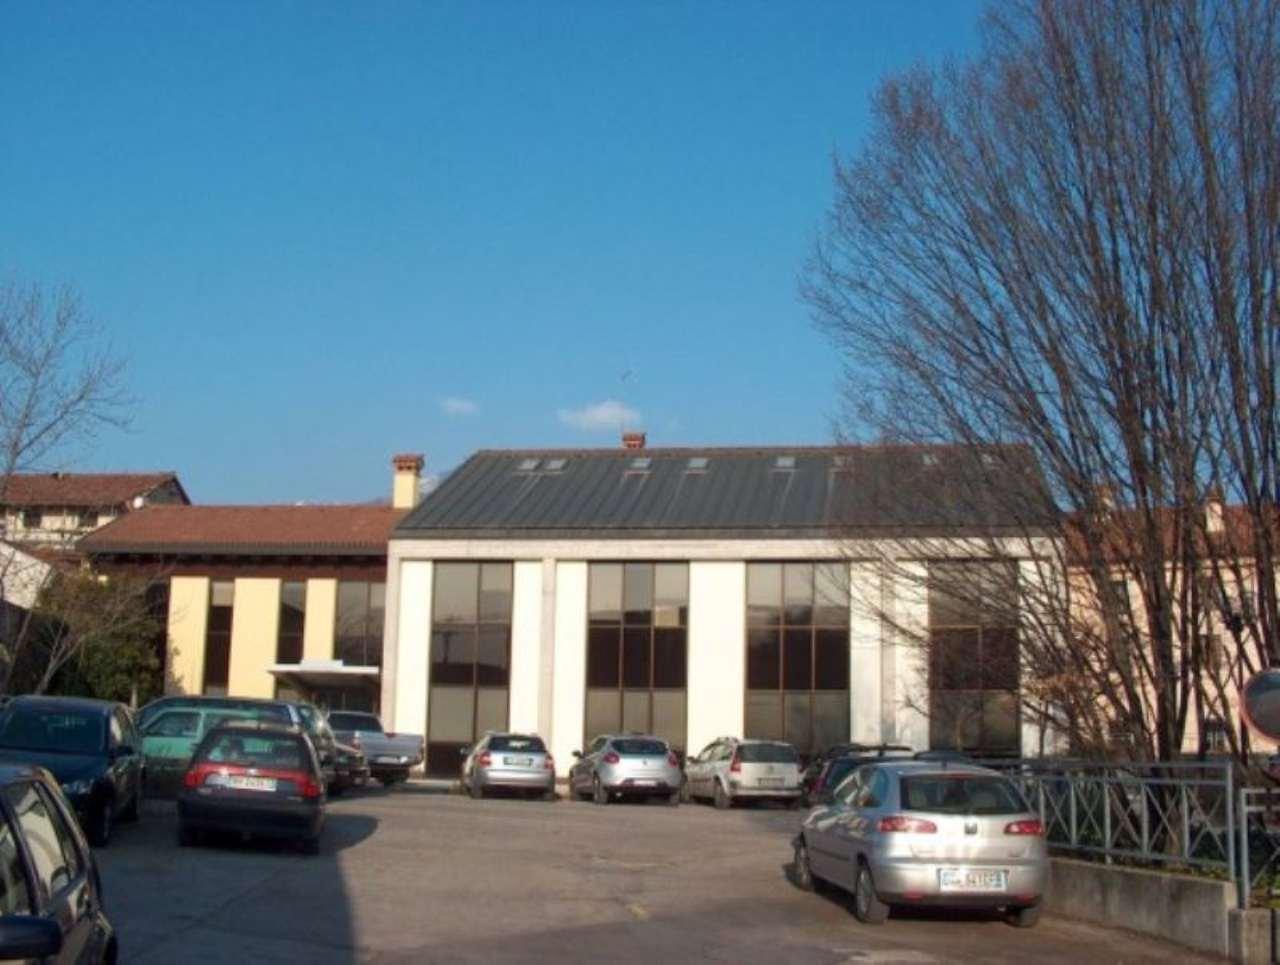 Ufficio / Studio in affitto a Schio, 6 locali, prezzo € 2.400 | Cambio Casa.it